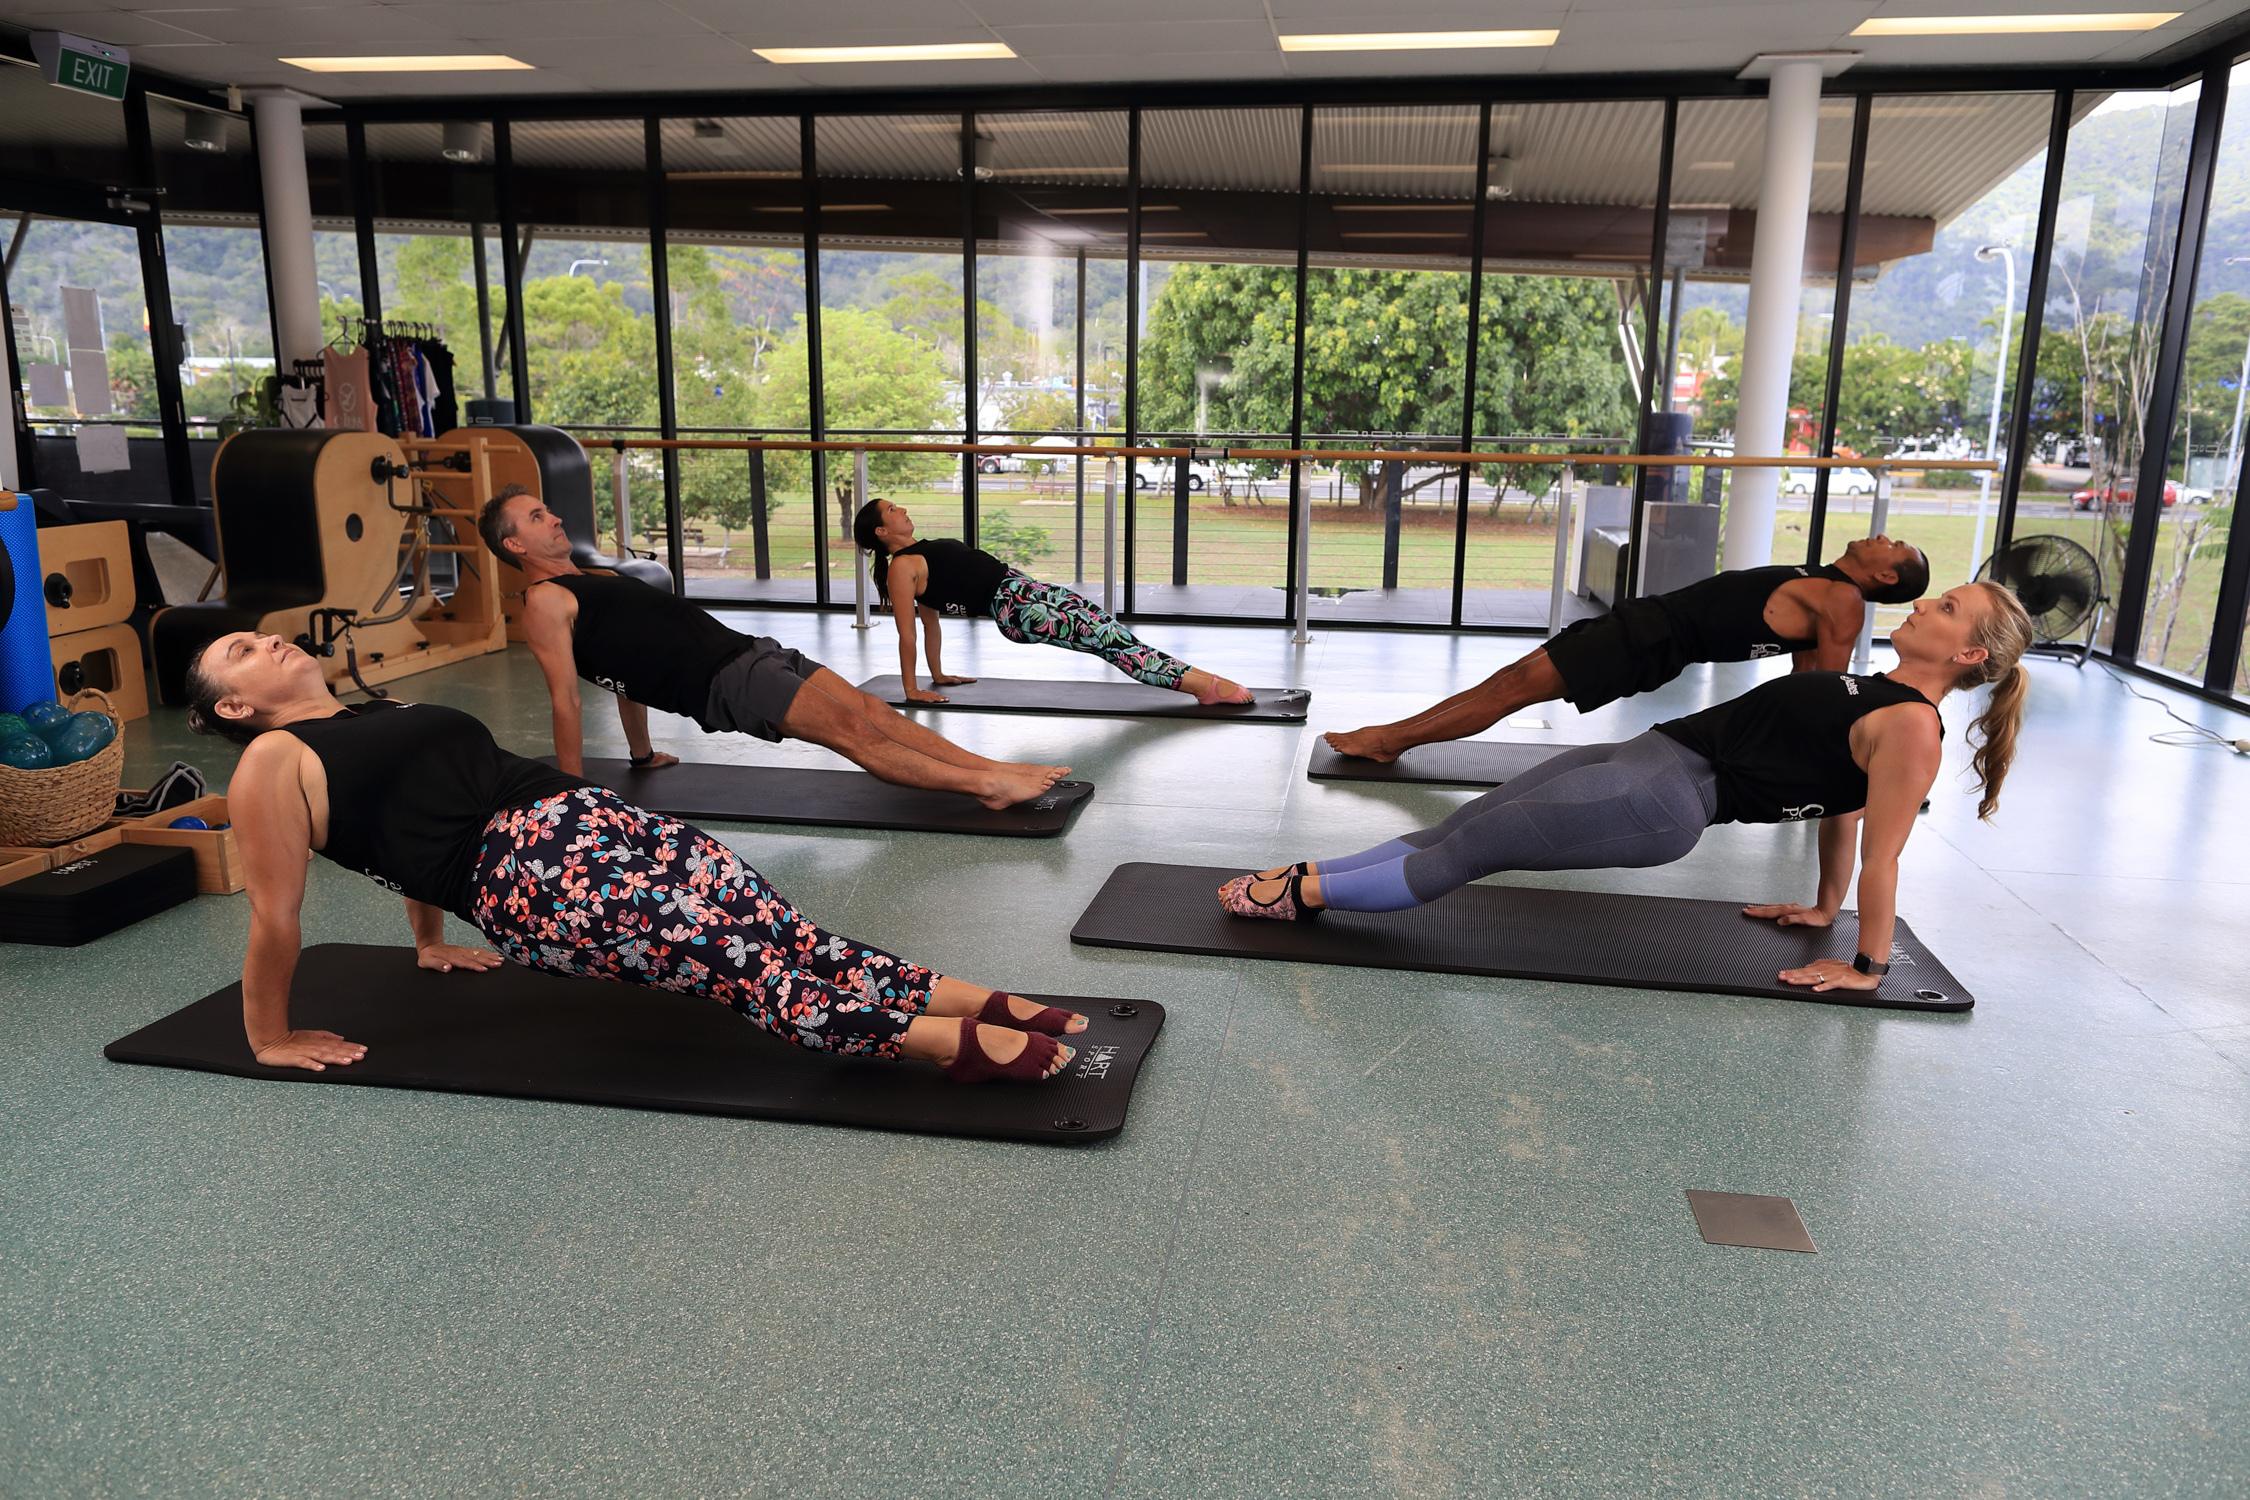 10 x Mat Pilates Class